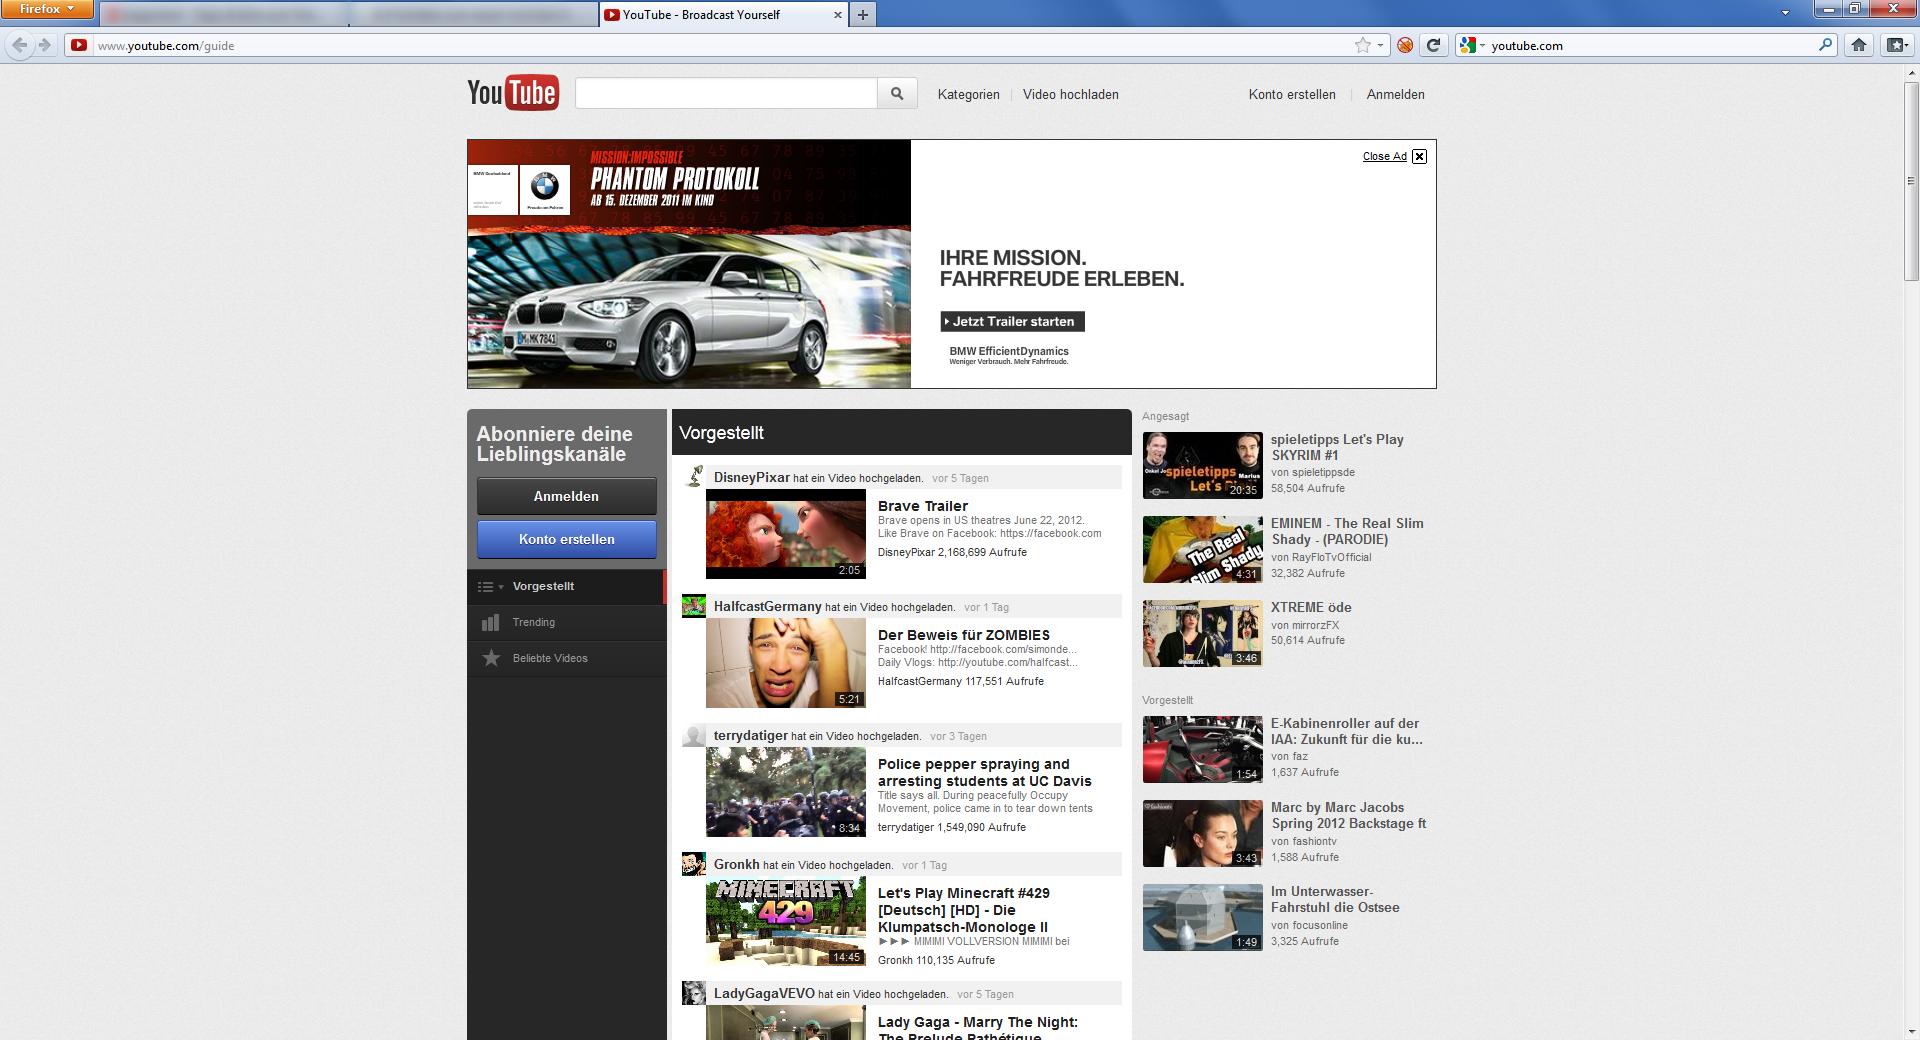 05-das-neue-youtube-design-schon-jetzt-einrichten-neues-deisgn-470.png?nocache=1321954502294